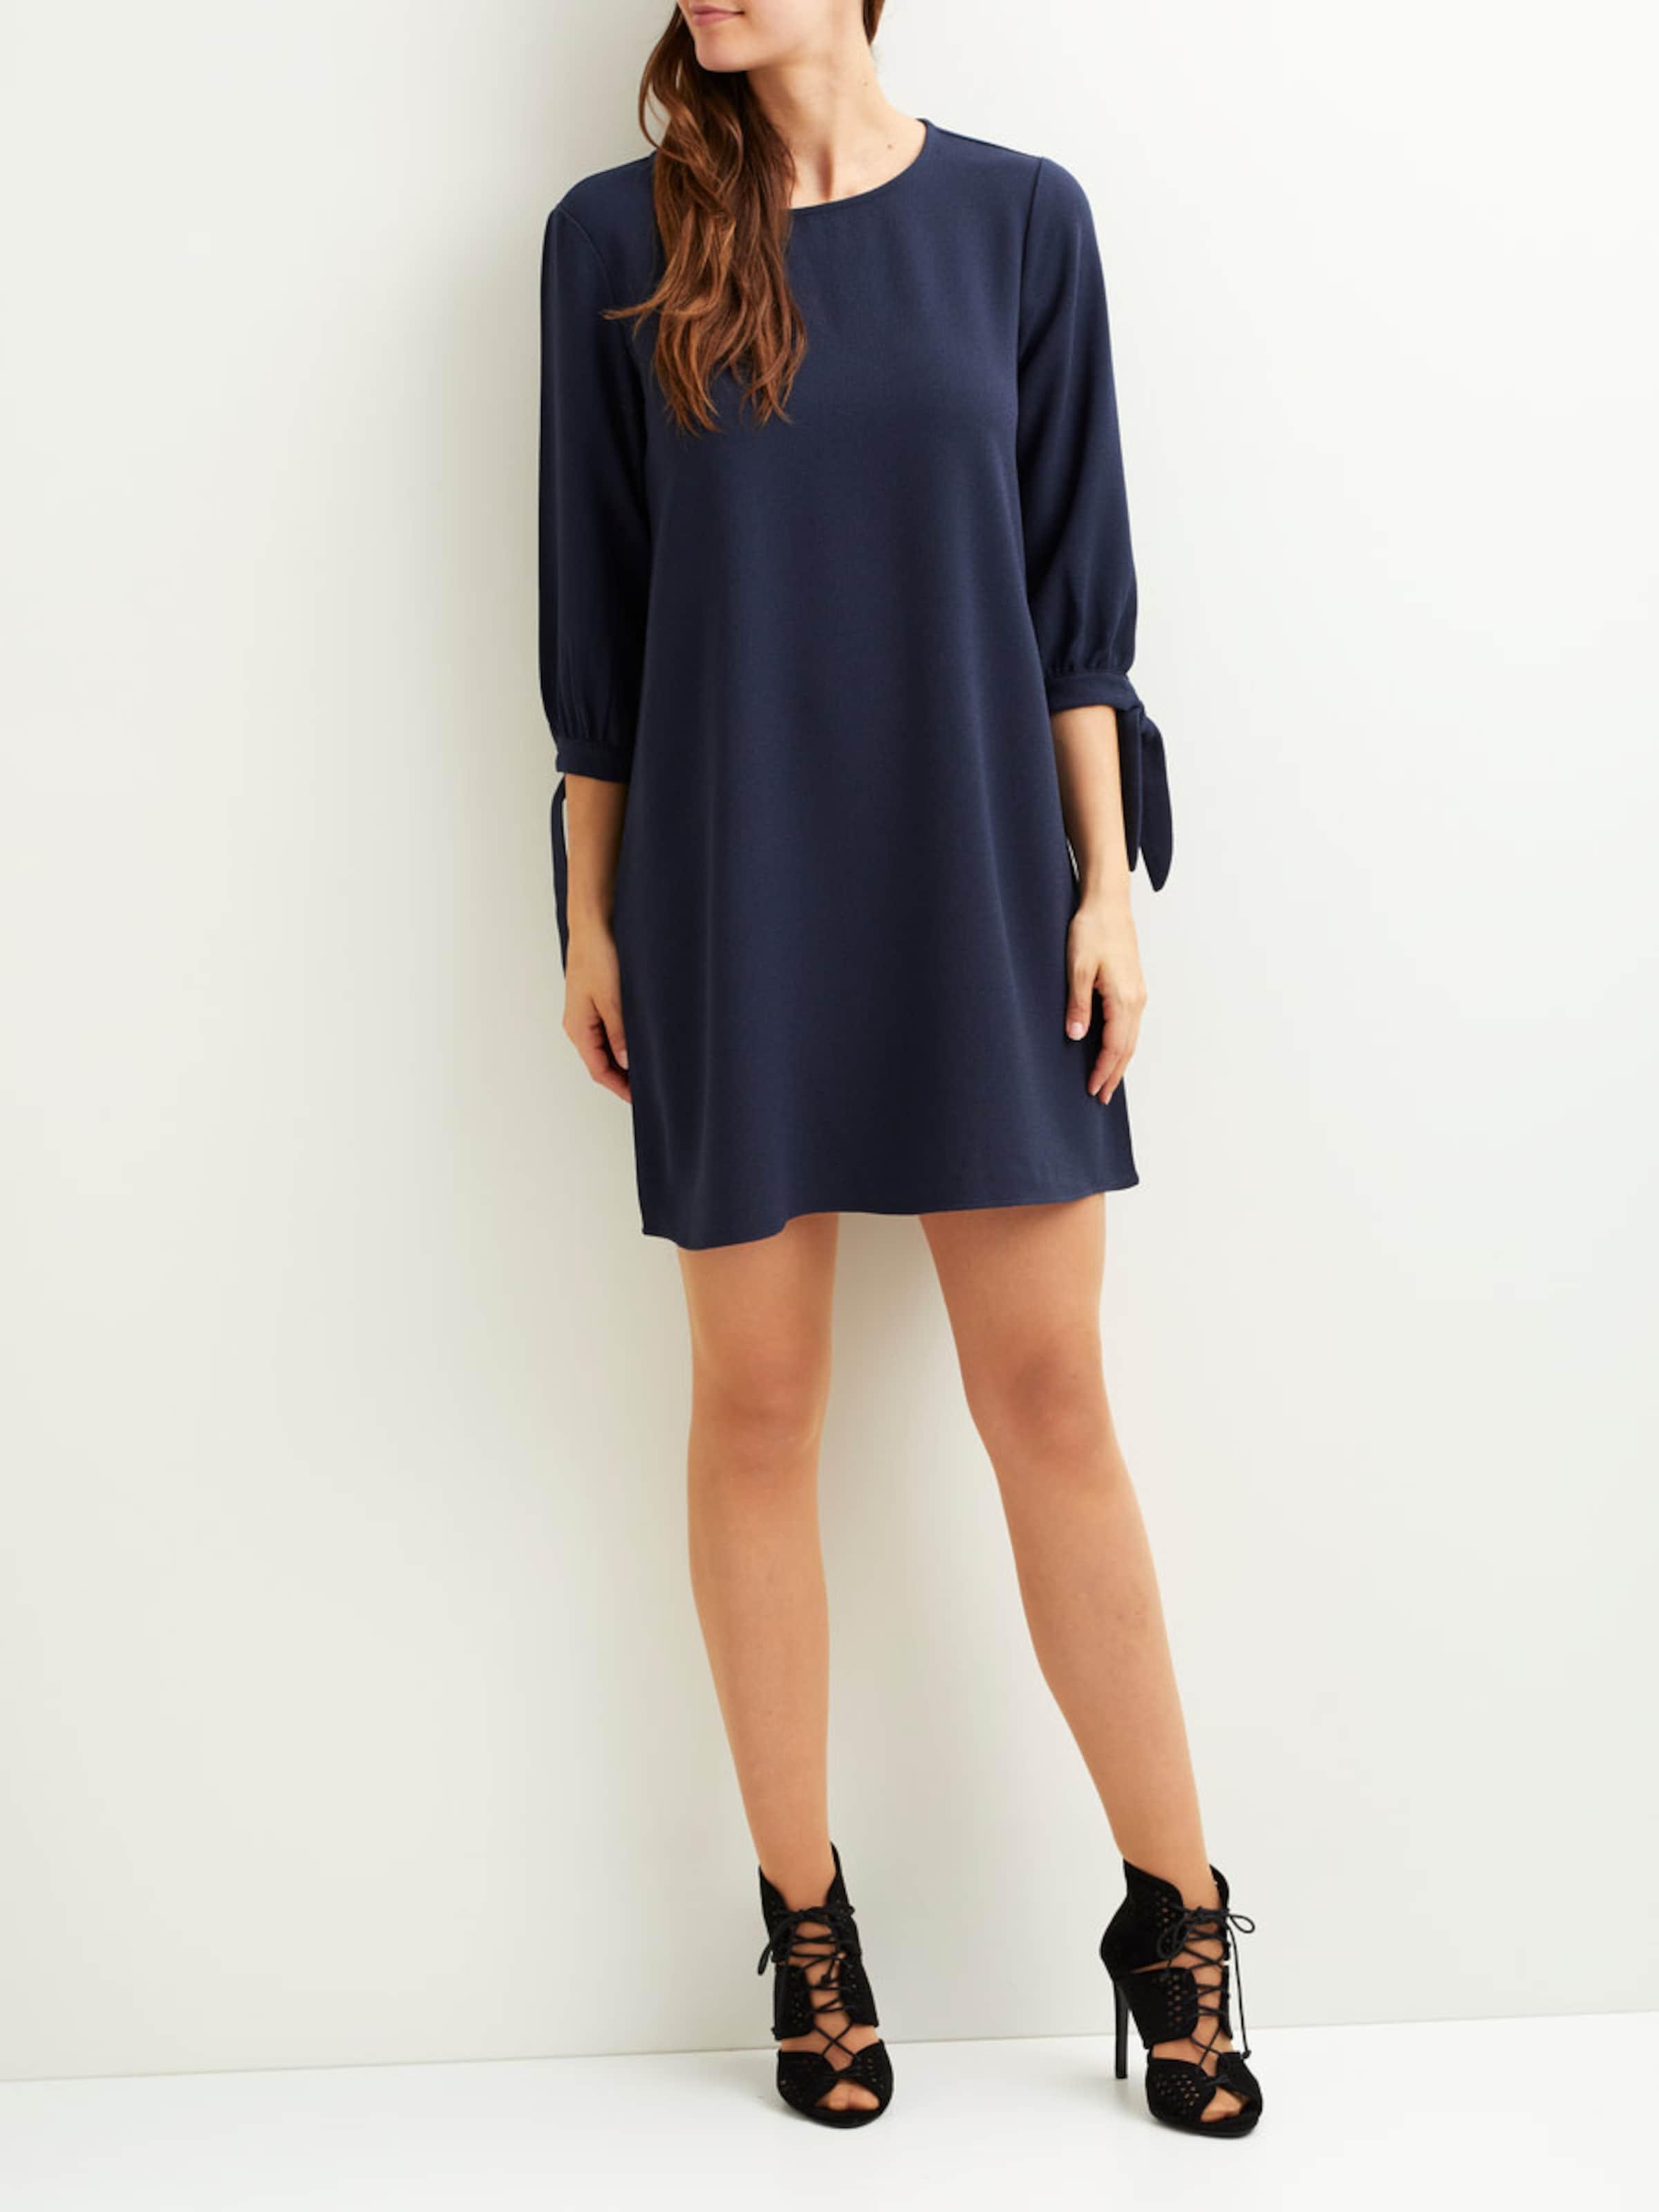 VILA Wunderschöne Kleid Wo Niedrigen Preis Kaufen Günstig Kaufen Breite Palette Von Freiraum Für Billig 0nFCr2EK